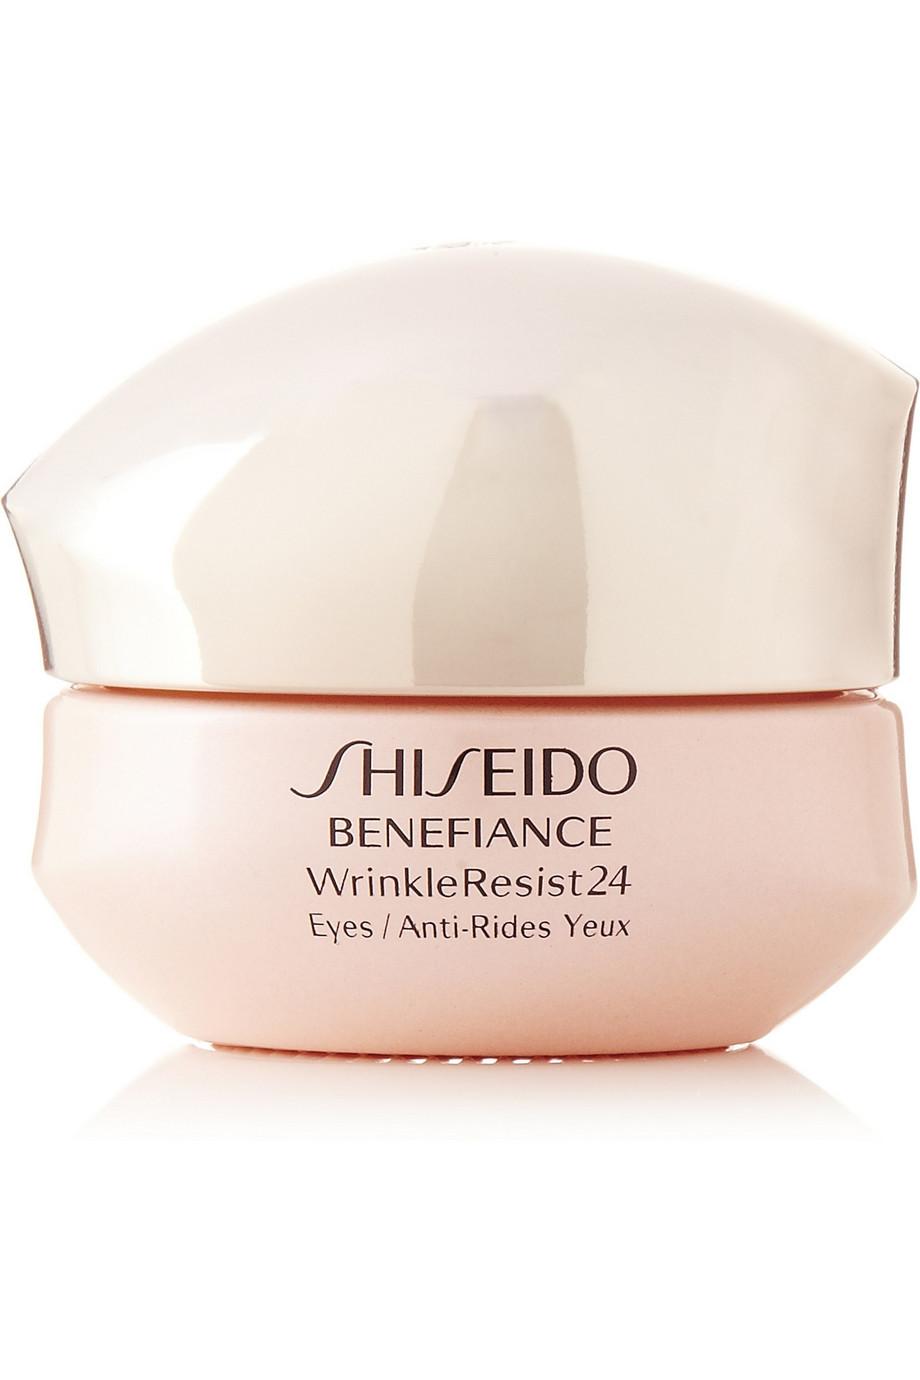 Shiseido Benefiance WrinkleResist24 Intensive Eye Contour Cream, 15ml